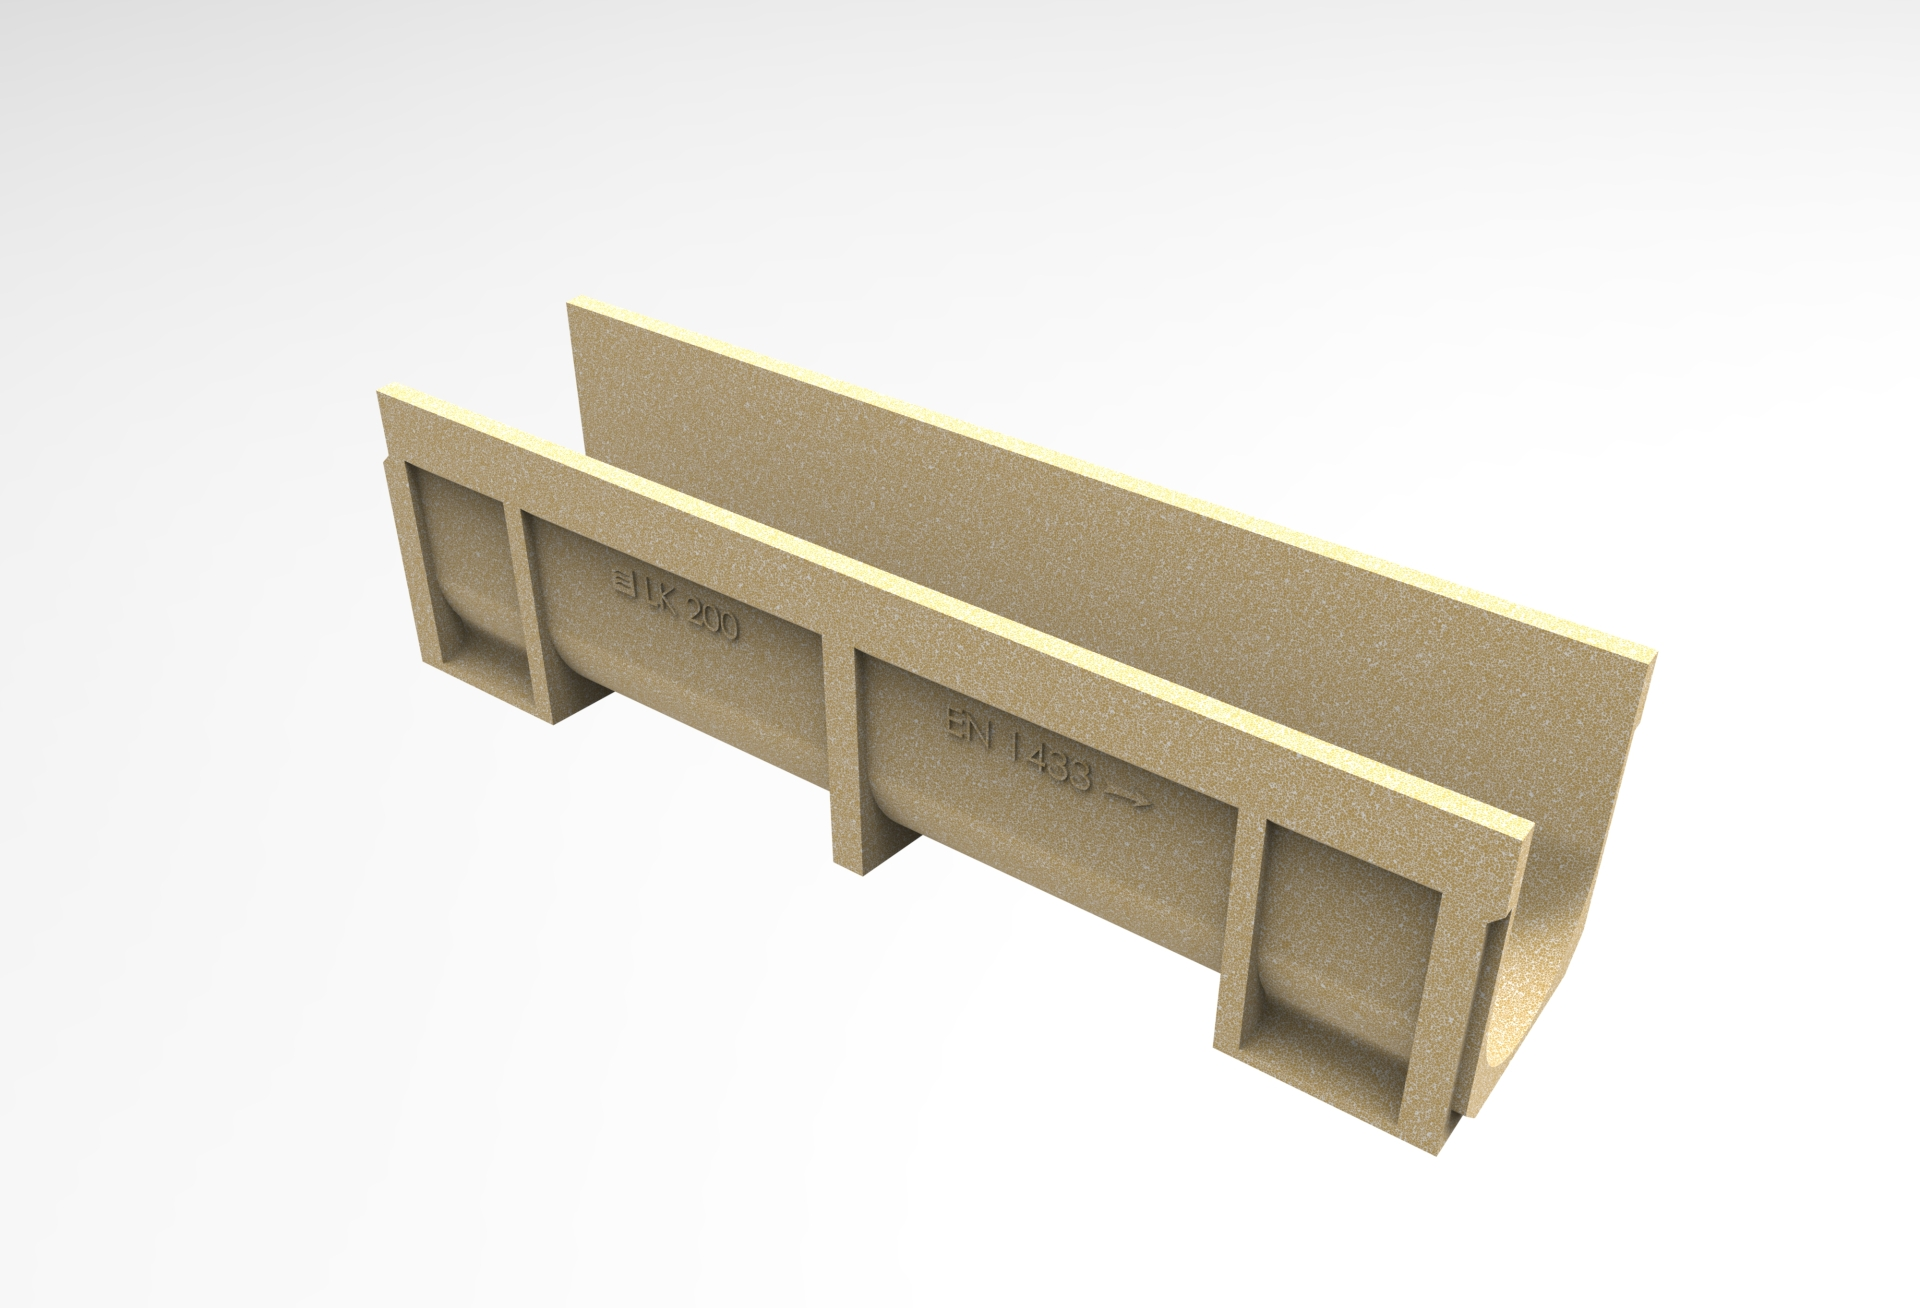 SMC树脂成品排水沟